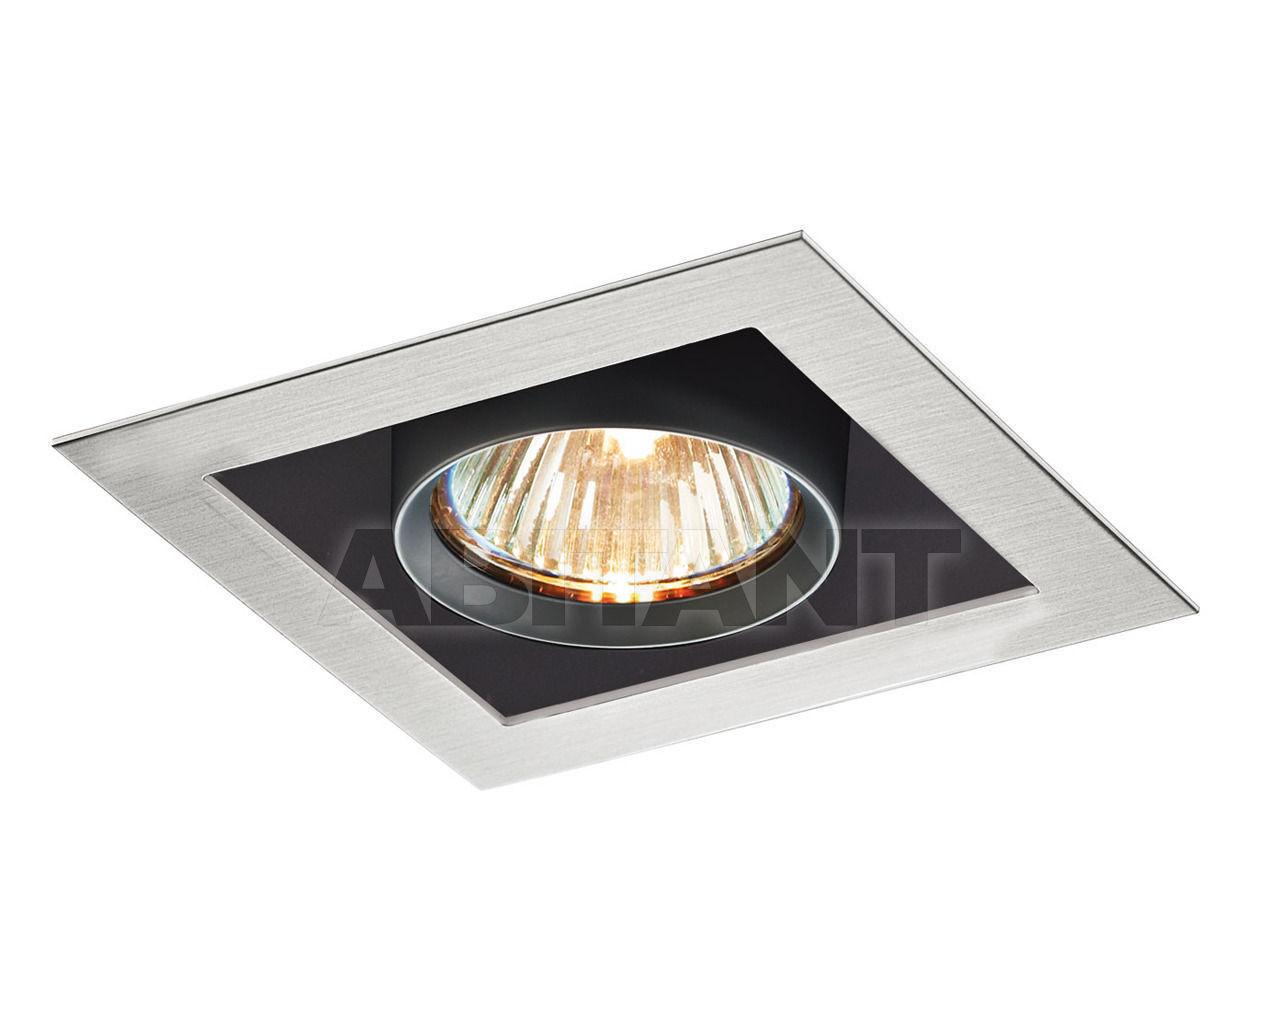 Купить Встраиваемый светильник Bruck Deckeneinbauleuchten 100908mcgy